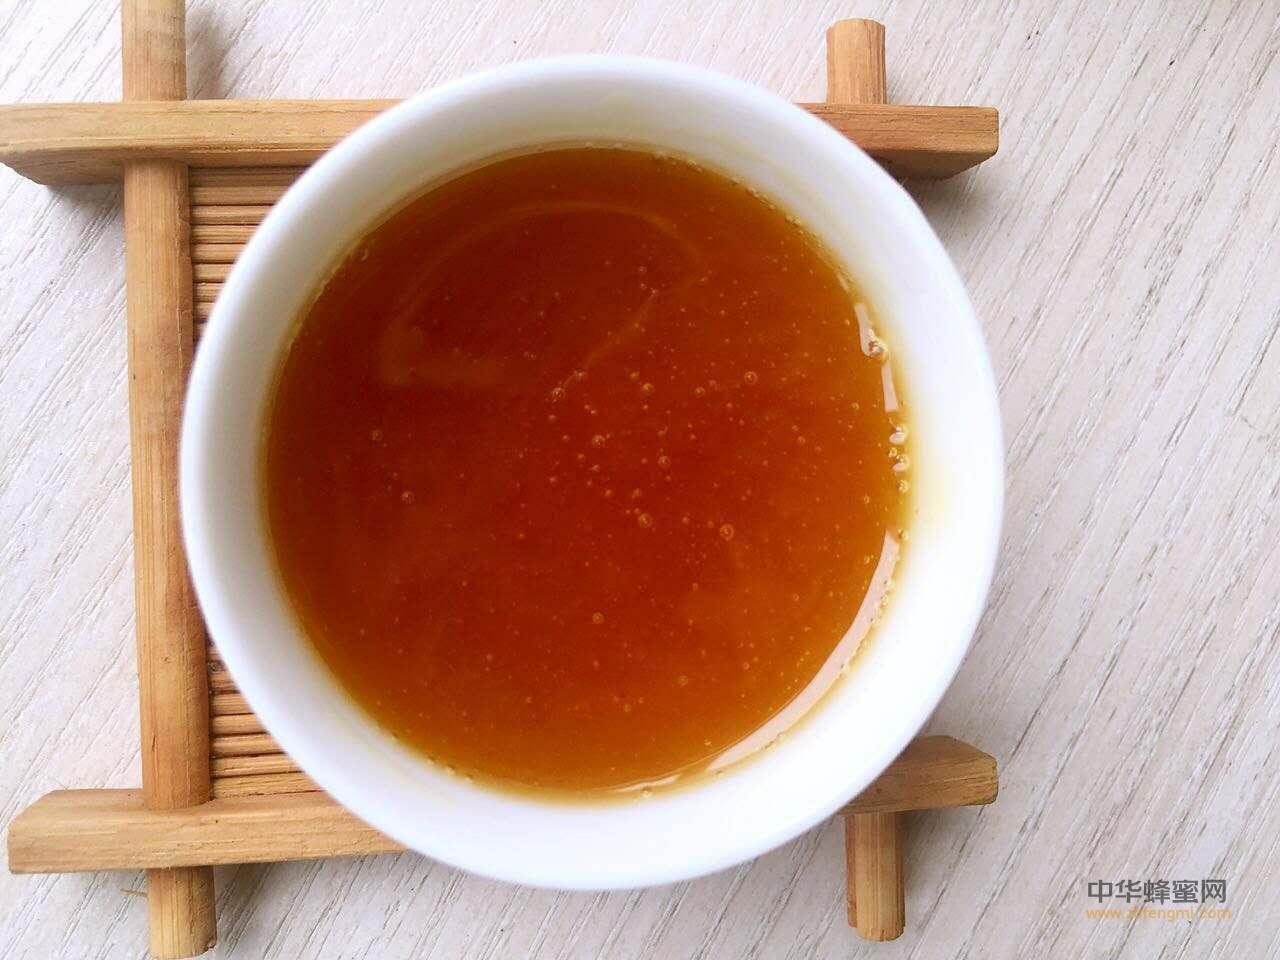 出口 柠檬蜂蜜水 冠心病 comvita蜂蜜价格 检测